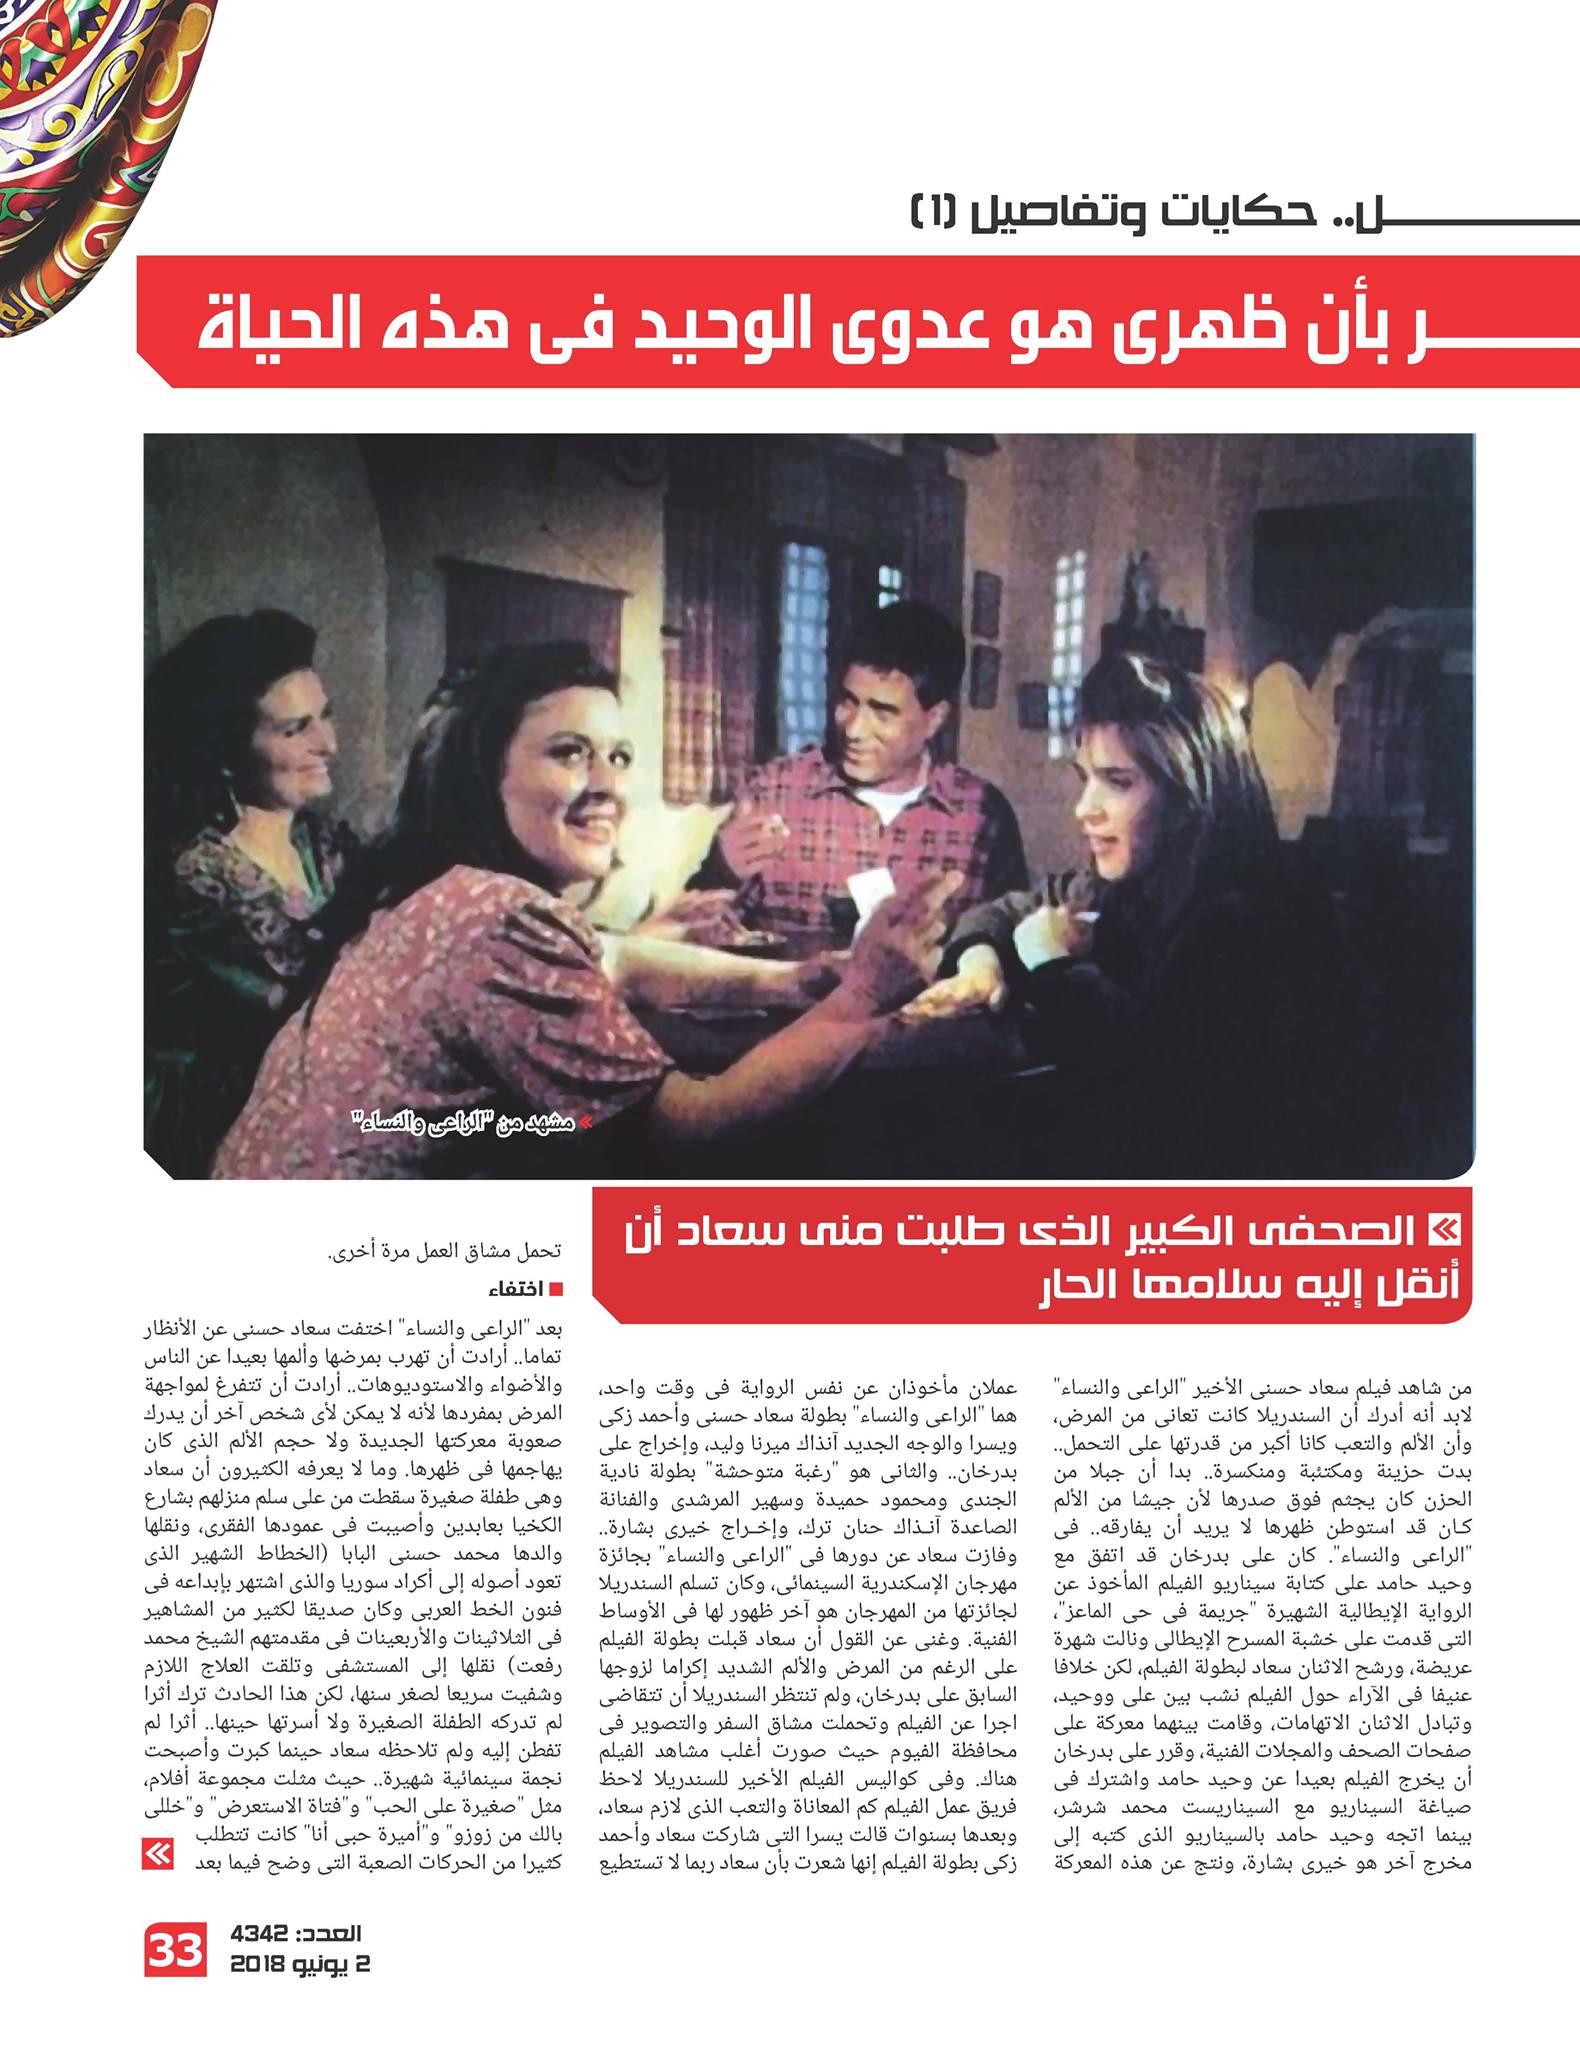 مقال - مقال صحفي : حين قالت لي السندريلا .. أشعر بأن ظهري عدوي الوحيد في هذه الحياة 2018 م 225